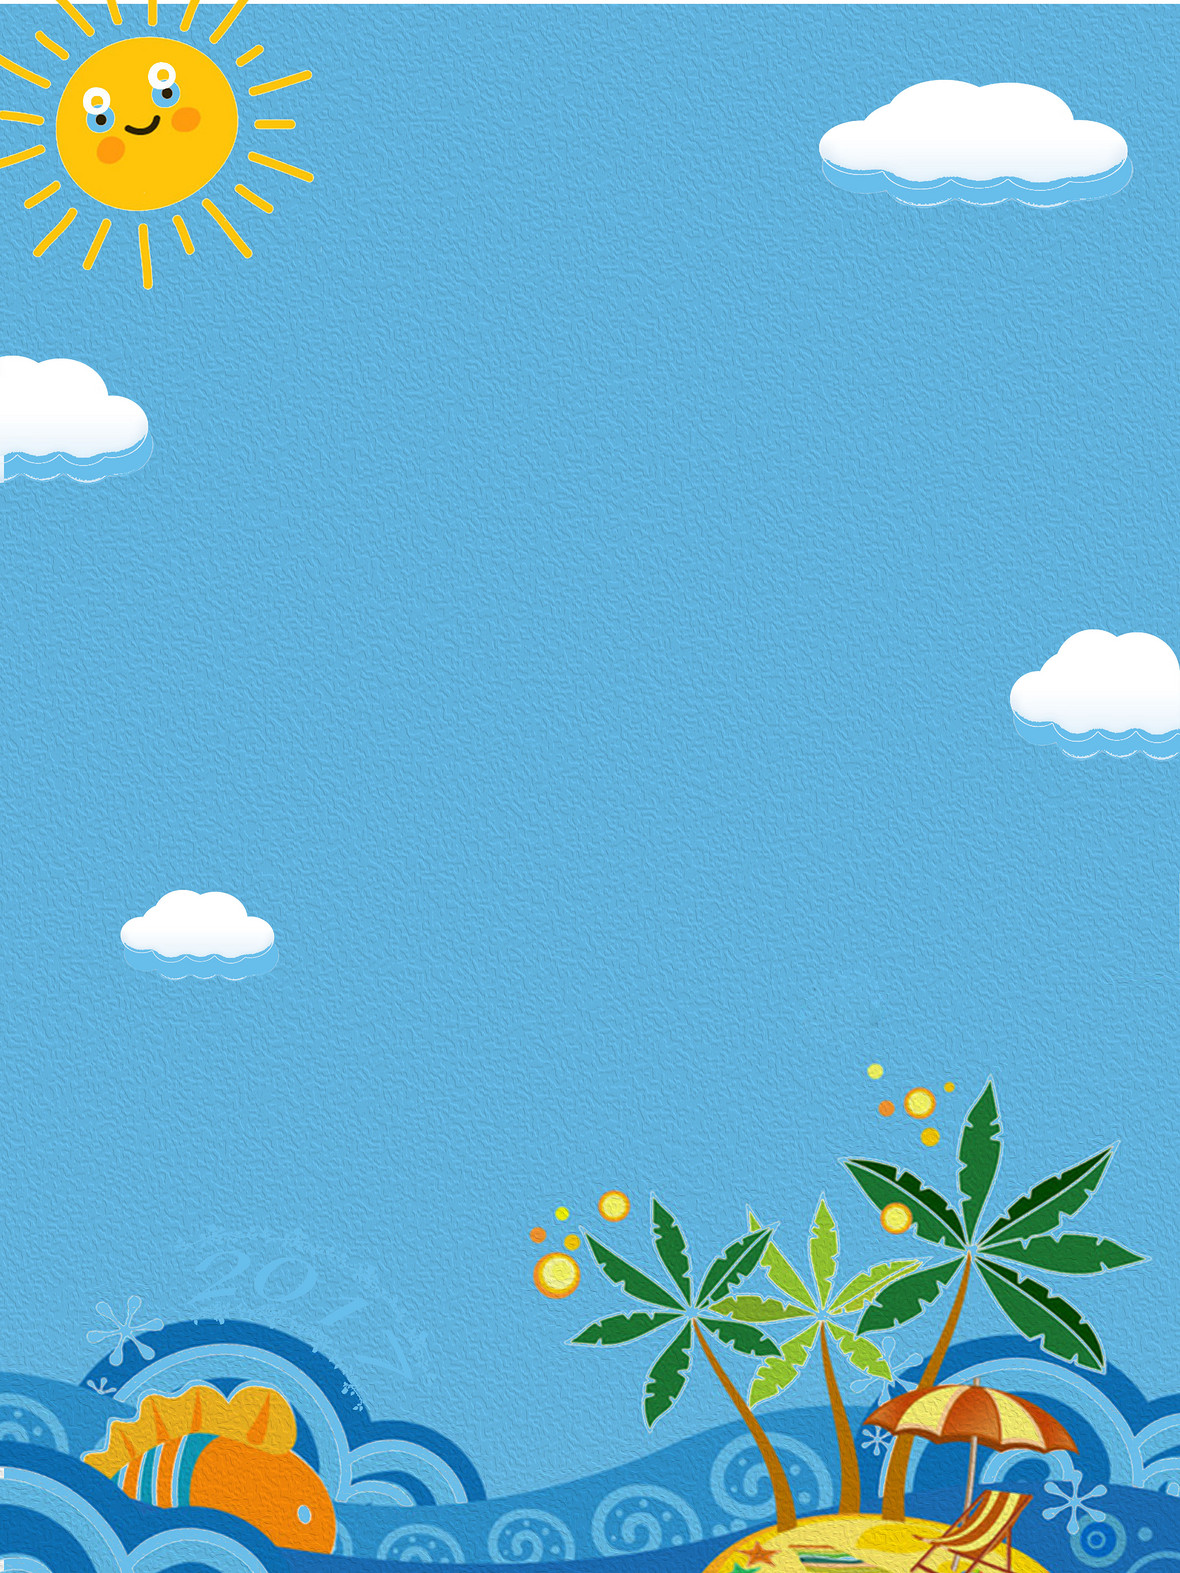 夏季觀影海報背景圖